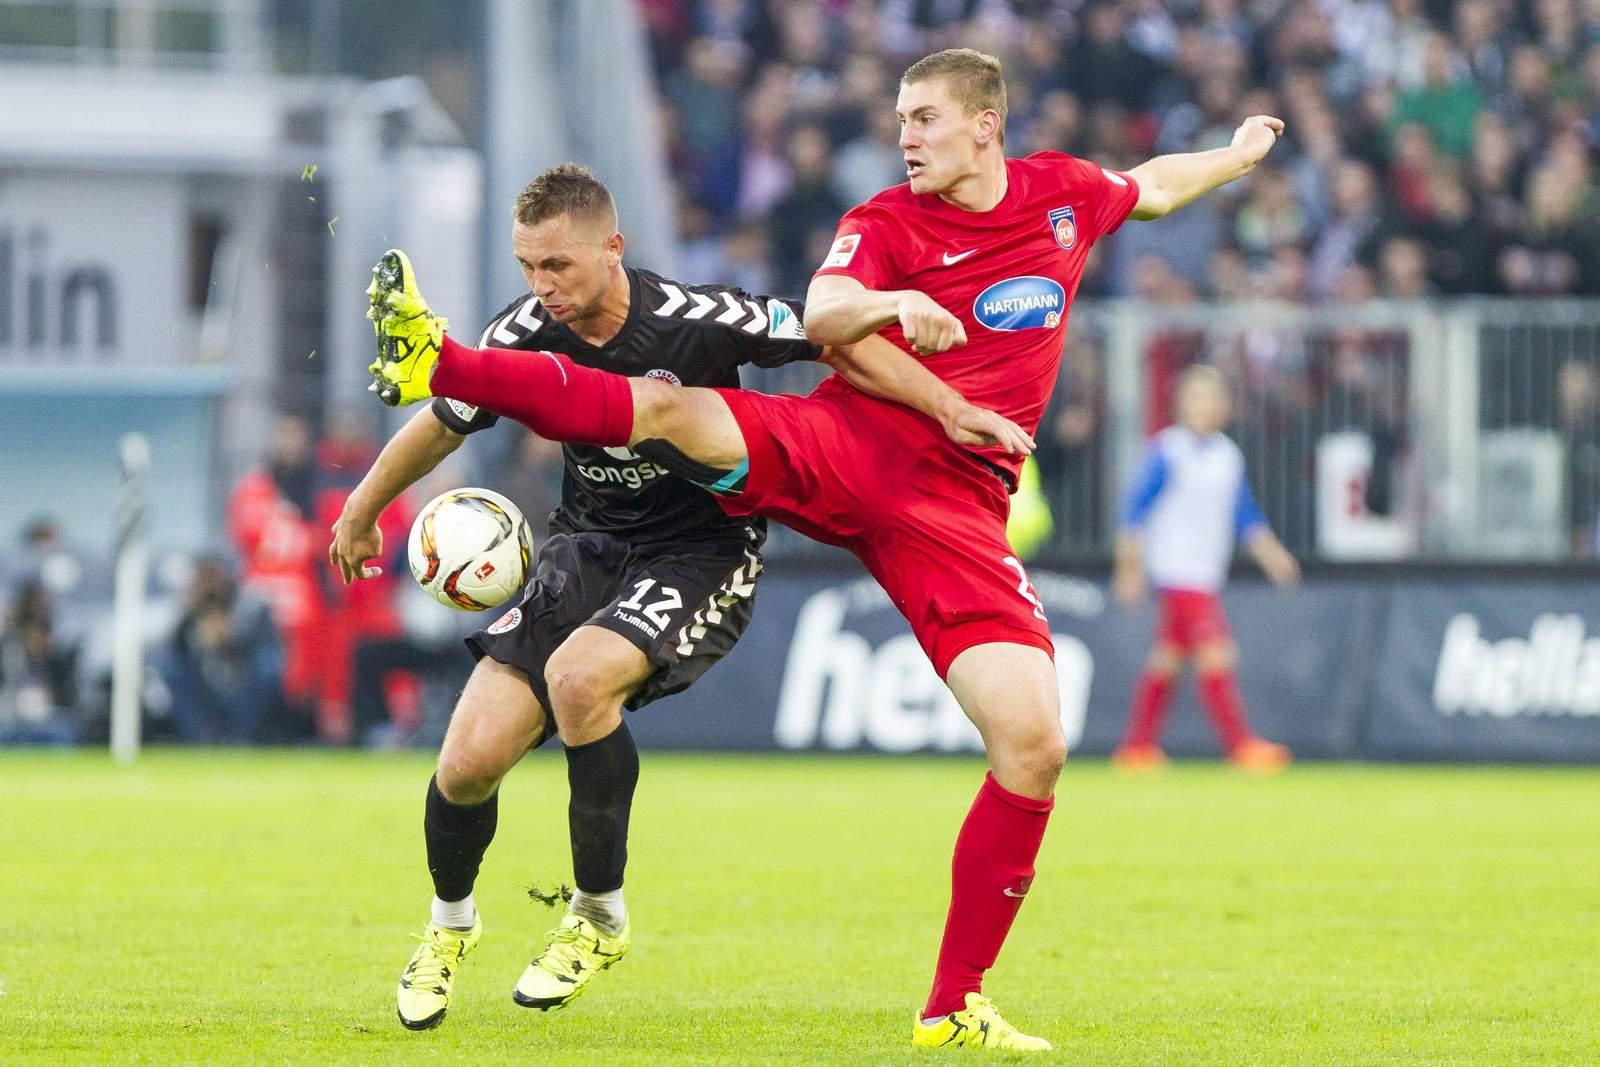 Kevin Kraus im trikot des FC Heidenheim im Spiel gegen St. Pauli